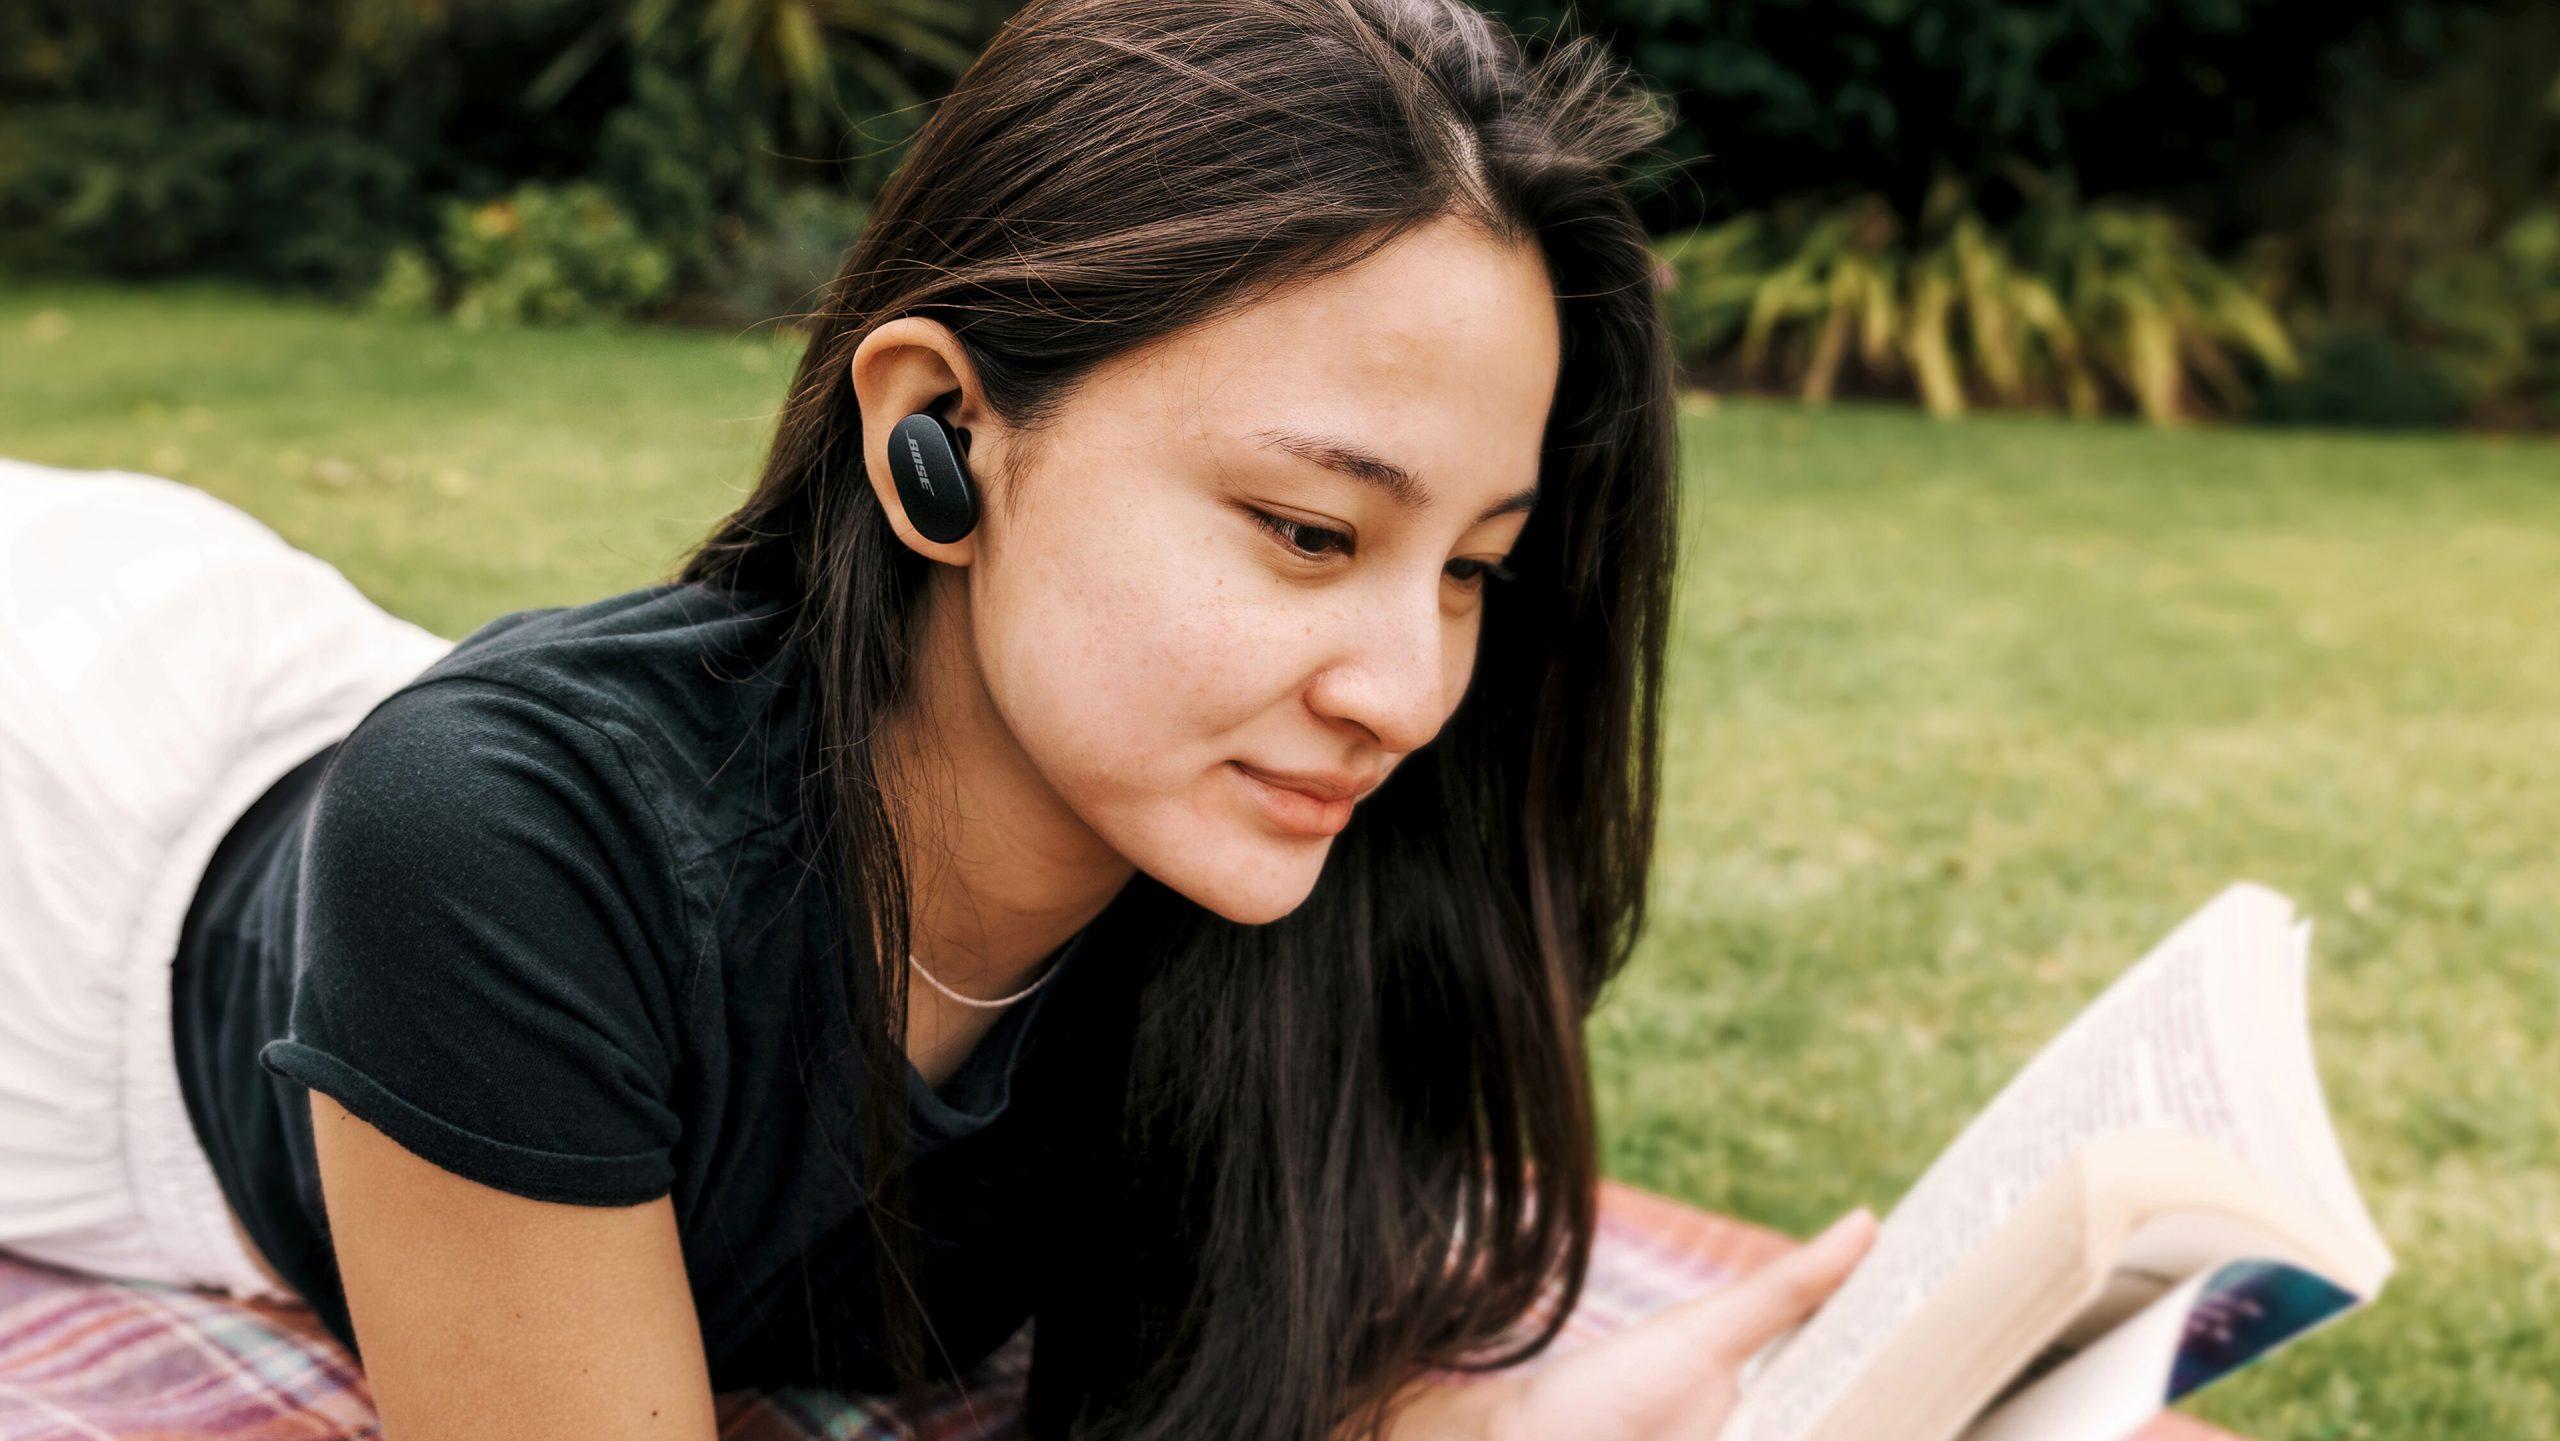 Bose QuietComfort Earbuds SPREAD